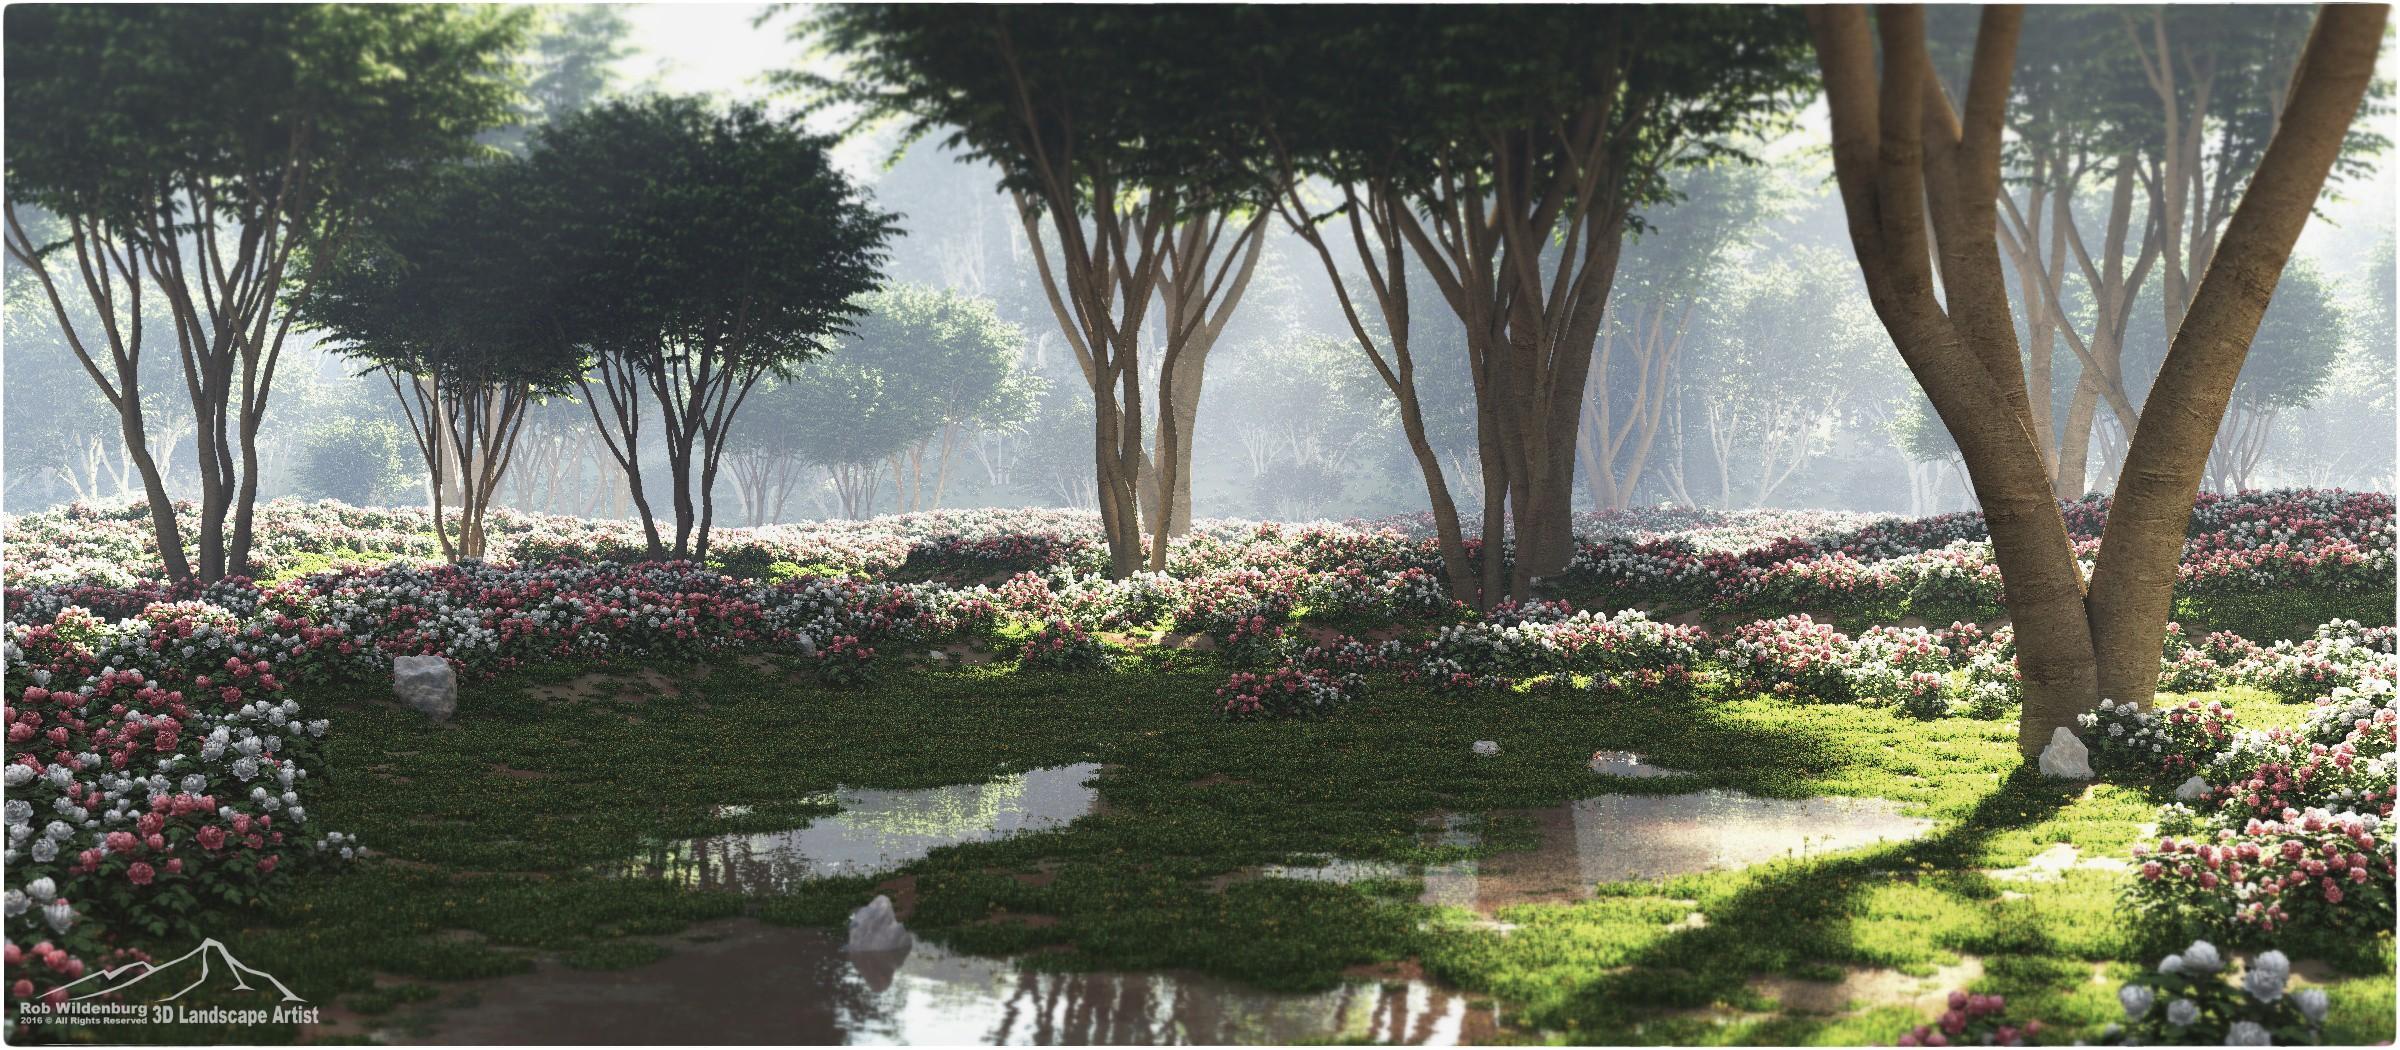 Sfondi alberi paesaggio arte digitale fiori acqua for Giardino 3d gratis italiano